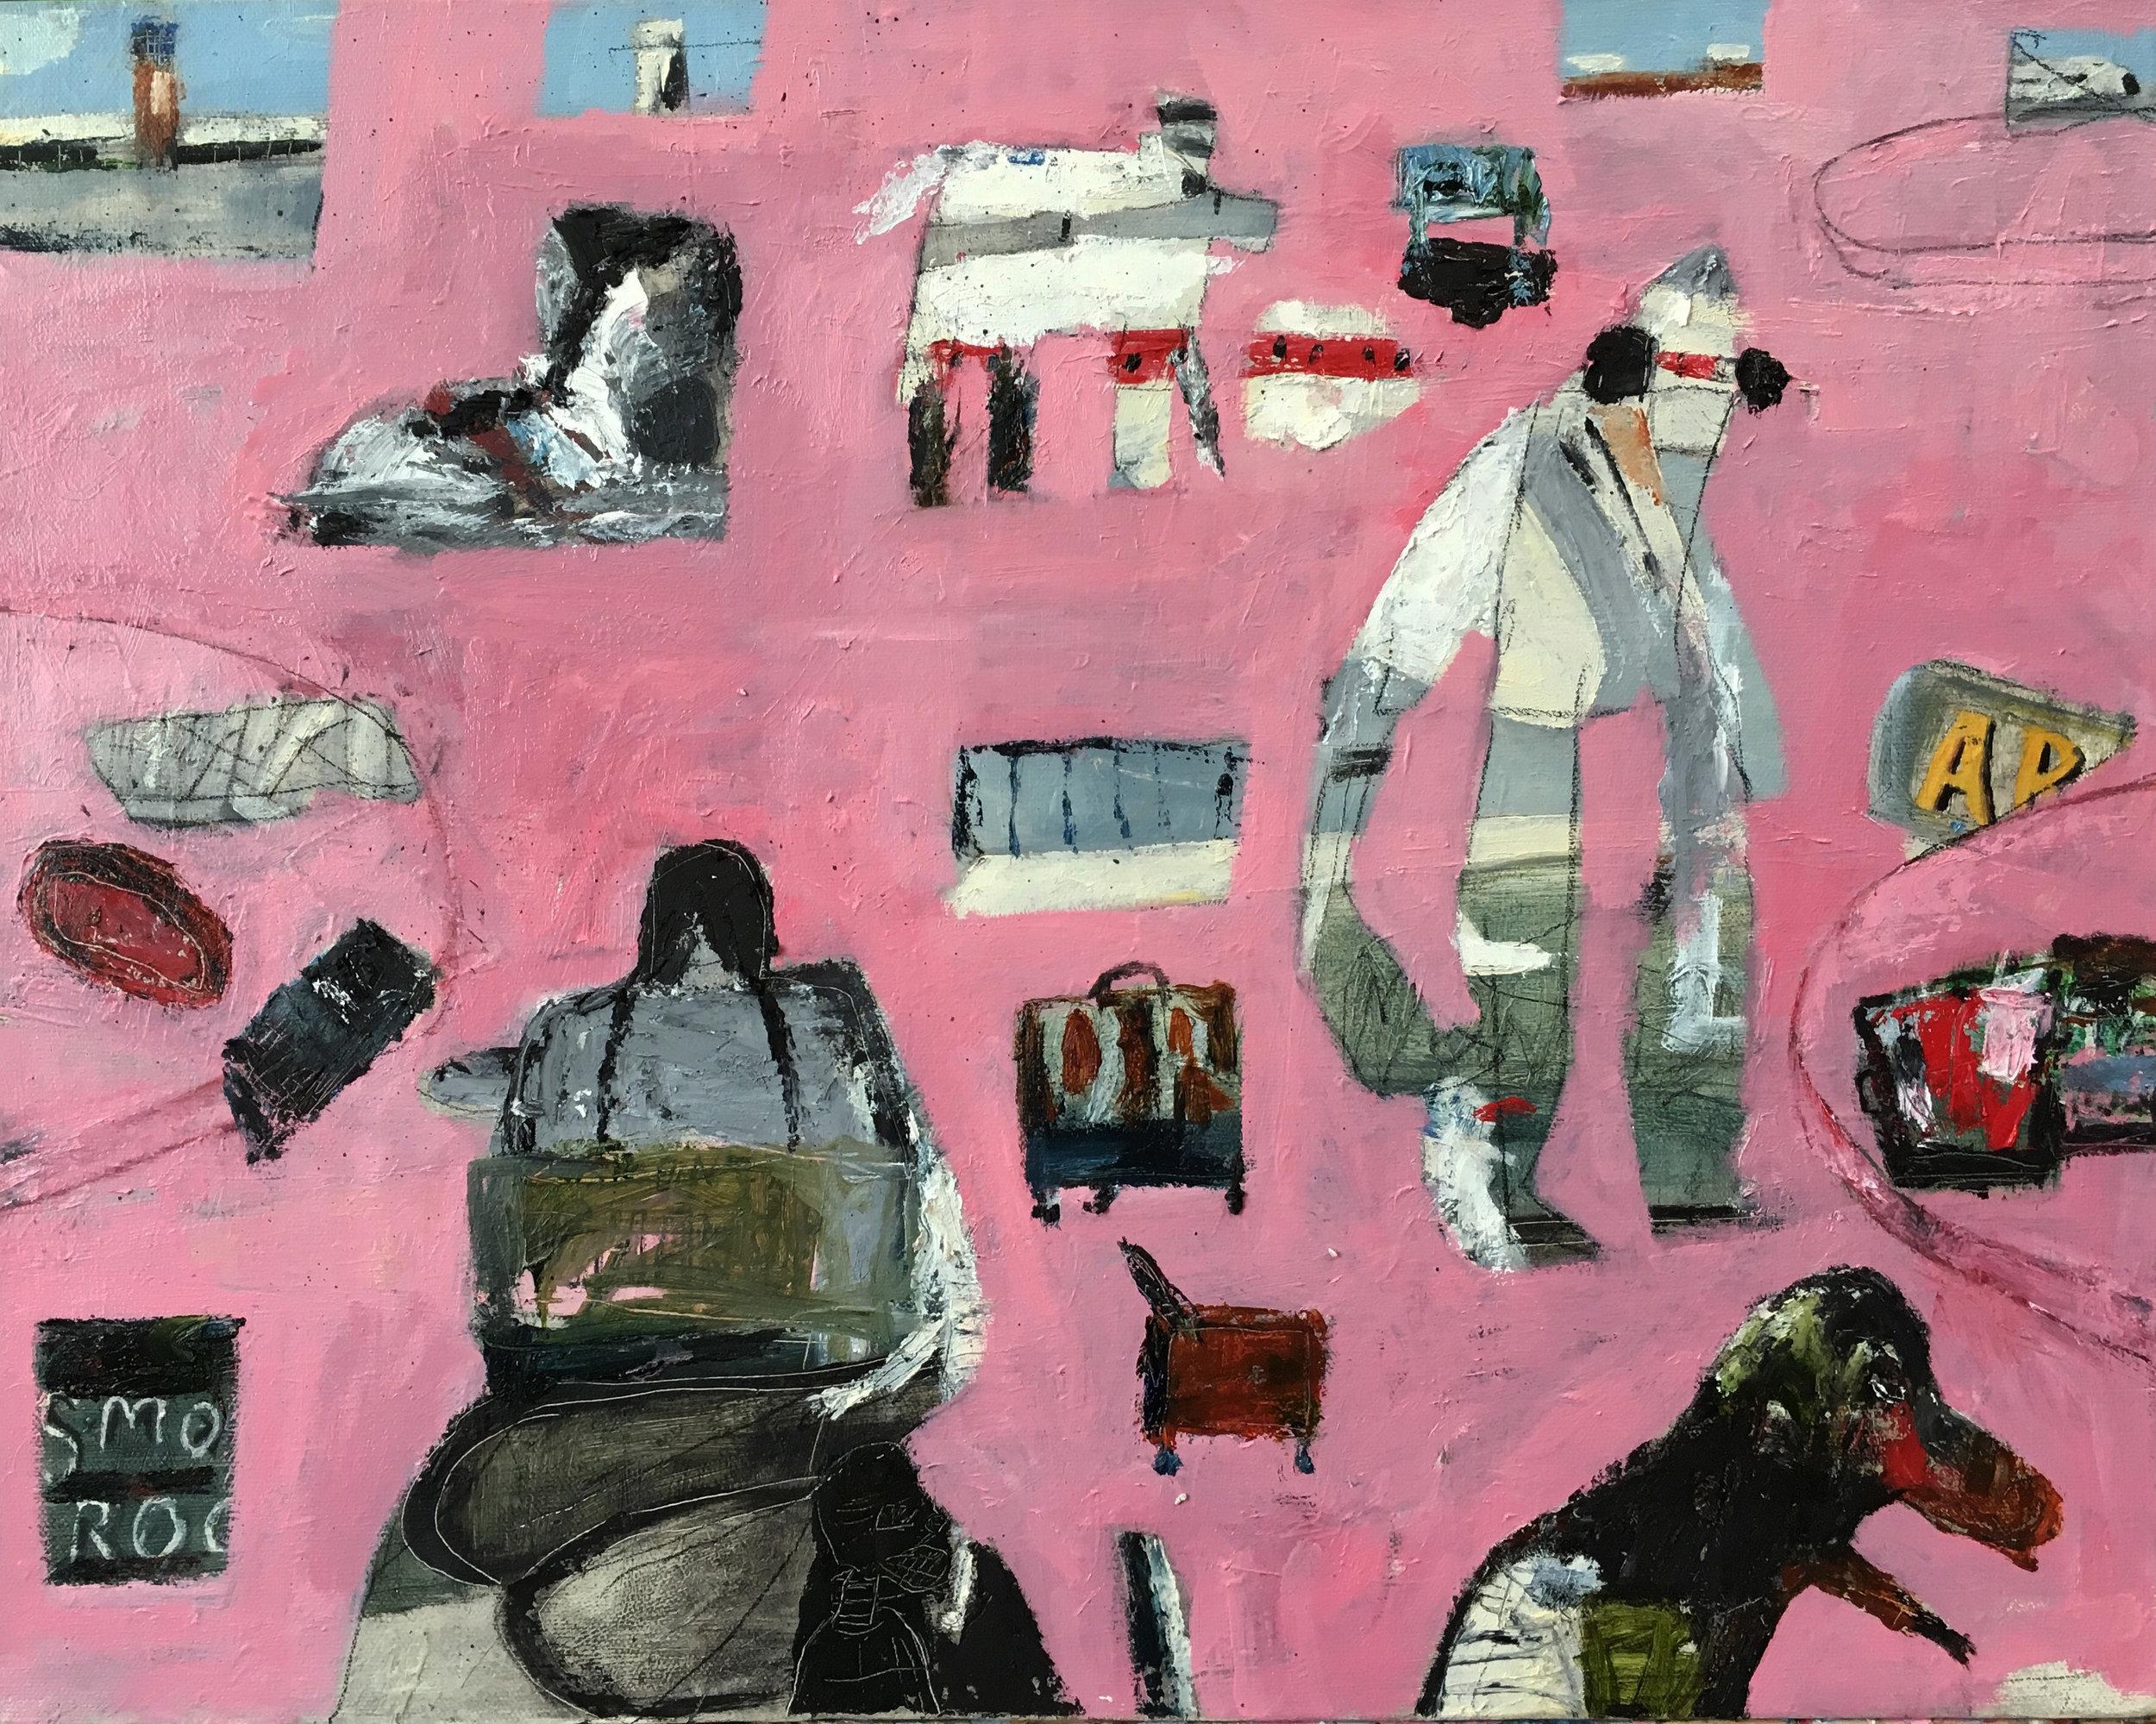 Bushwick Arrivals, Oil on Canvas, 16 x 20in, 2017